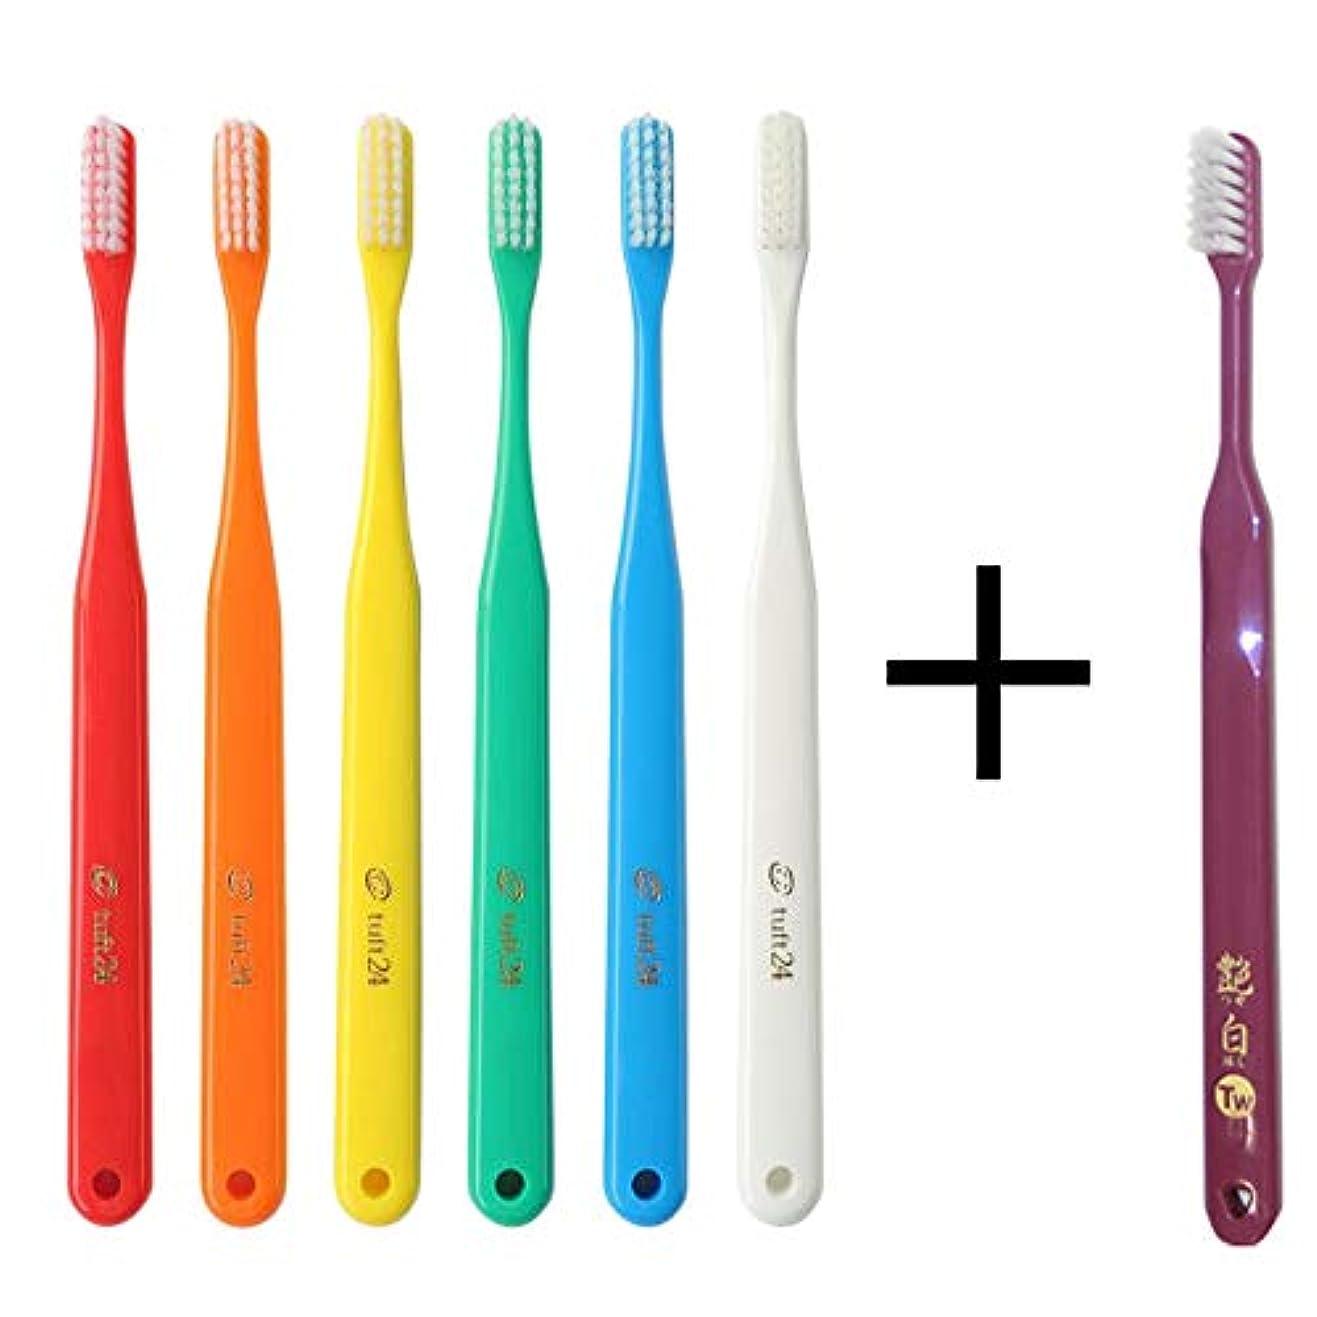 最後にリークアライアンスキャップなし タフト24 歯ブラシ × 25本入 M (アソート) + 艶白 ハブラシ (日本製) ×1本 MS(やややわらかめ) 大人用歯ブラシ 歯科医院取扱品